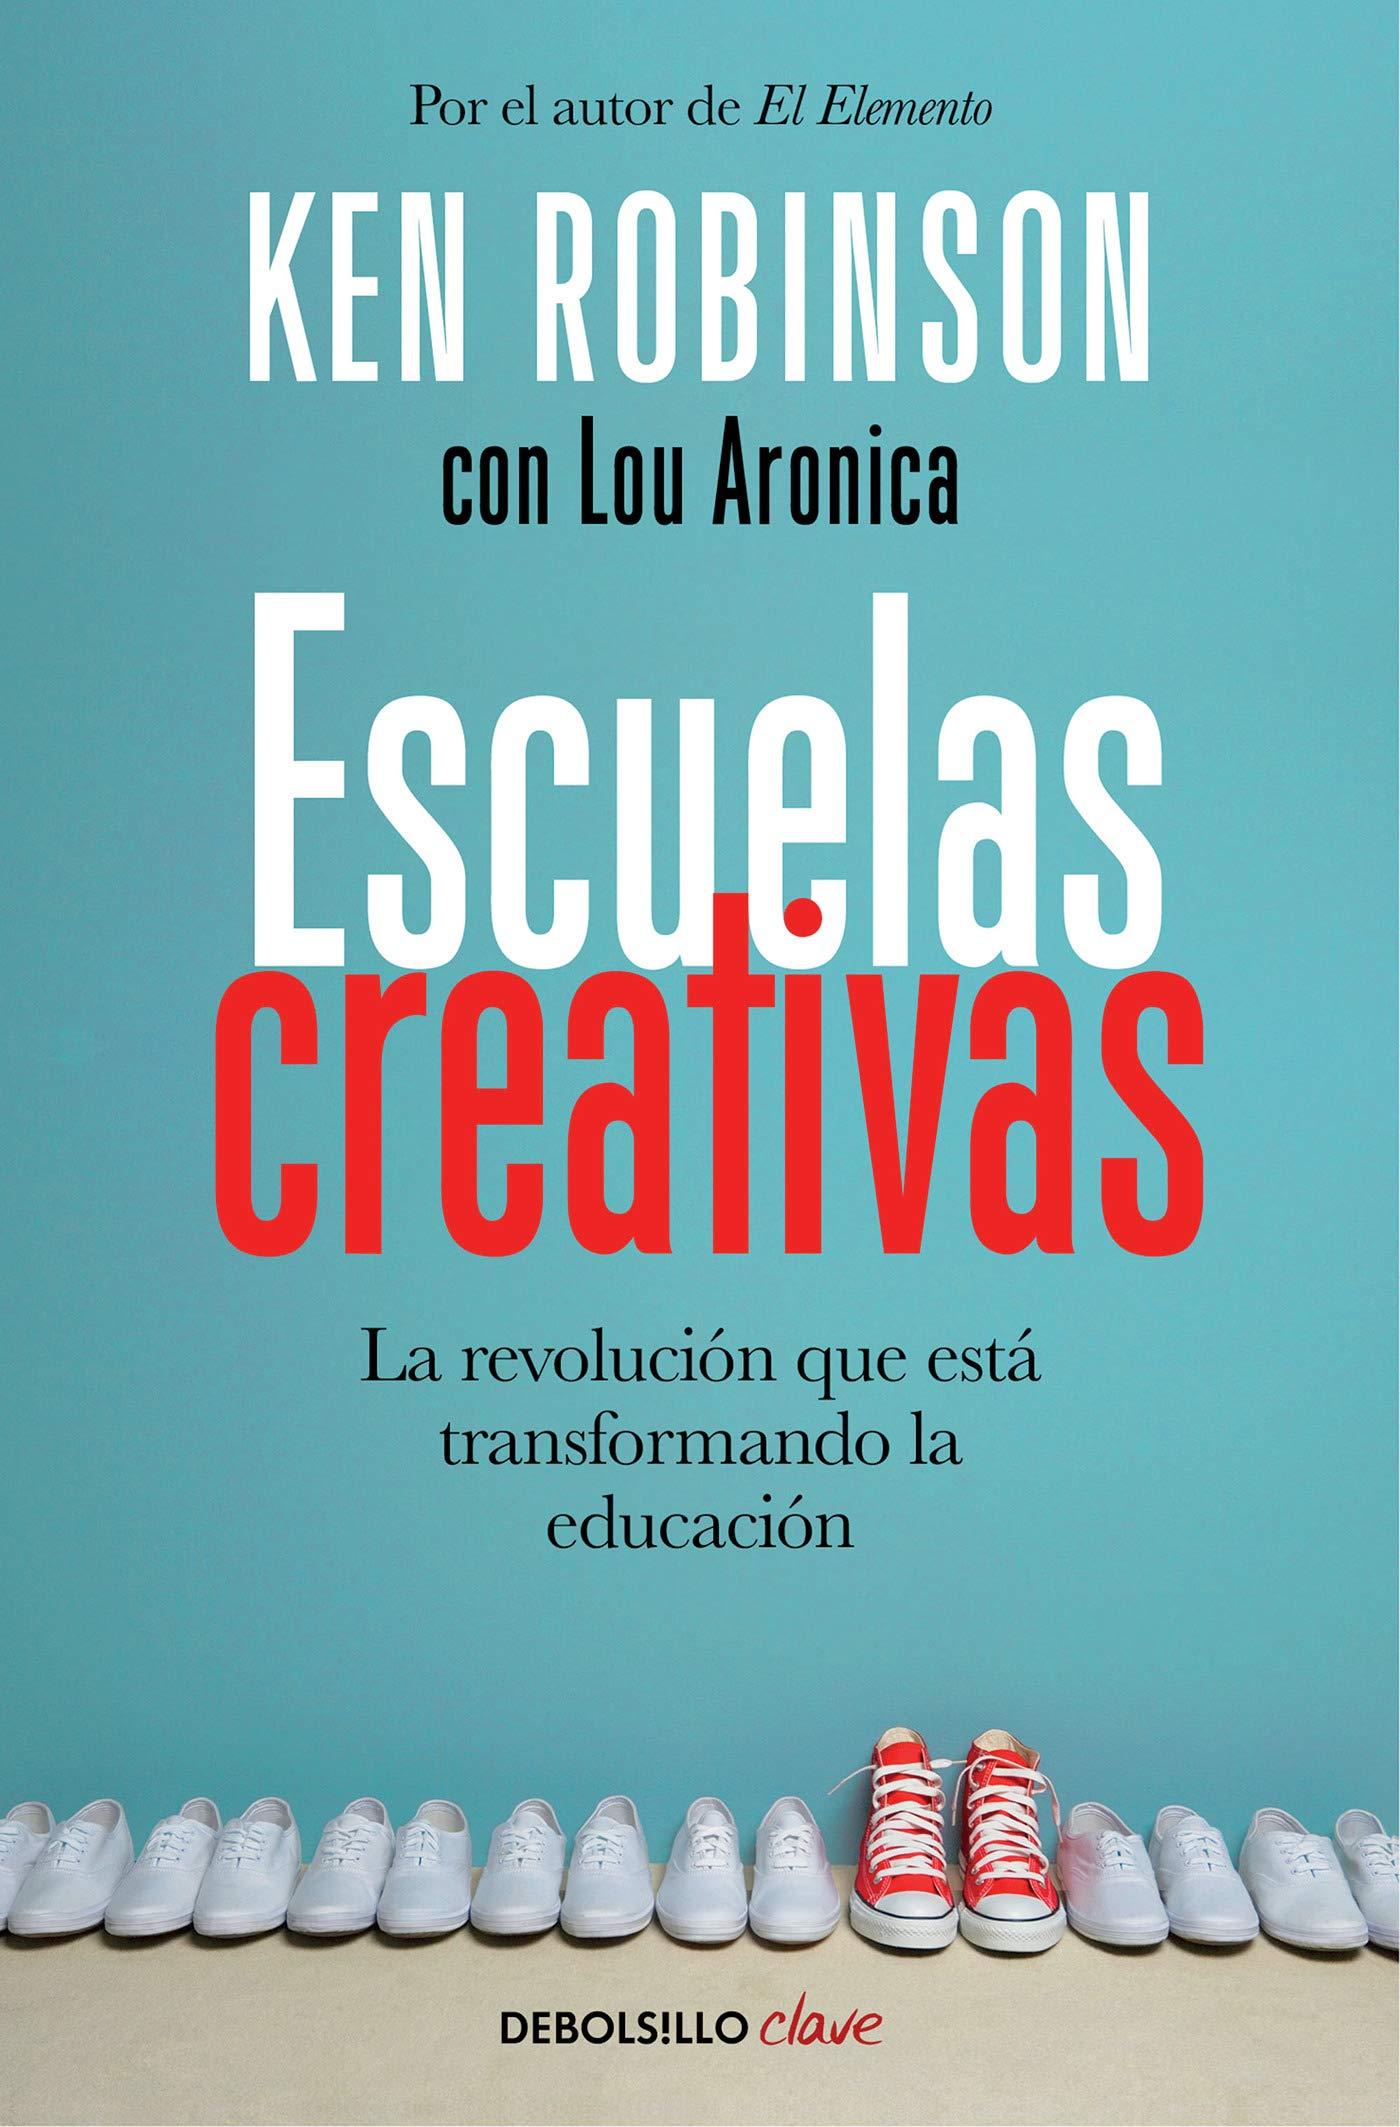 Escuelas creativas: La revolución que está transformando la educación CLAVE:  Amazon.es: Sir Ken Robinson: Libros